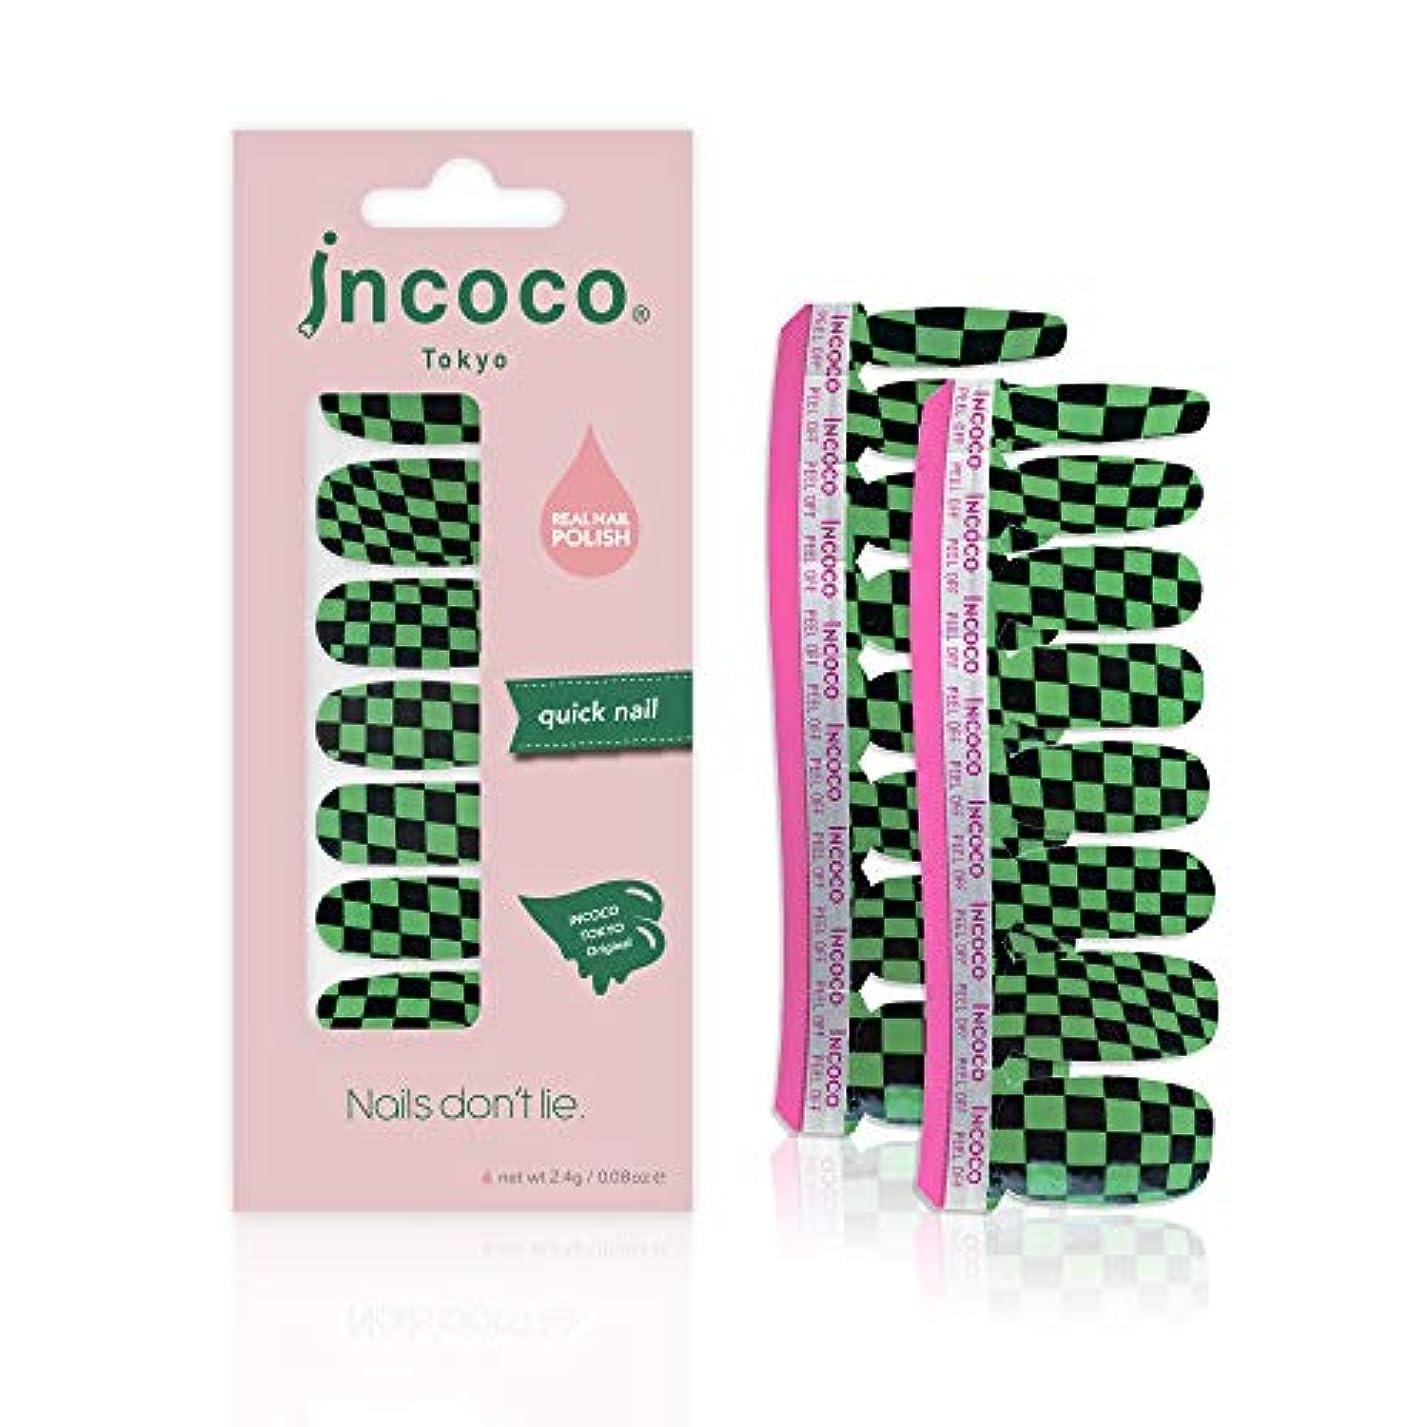 センブランスエンディングよく話されるインココ トーキョー 「グリーン チェッカー」 (Green Checker)